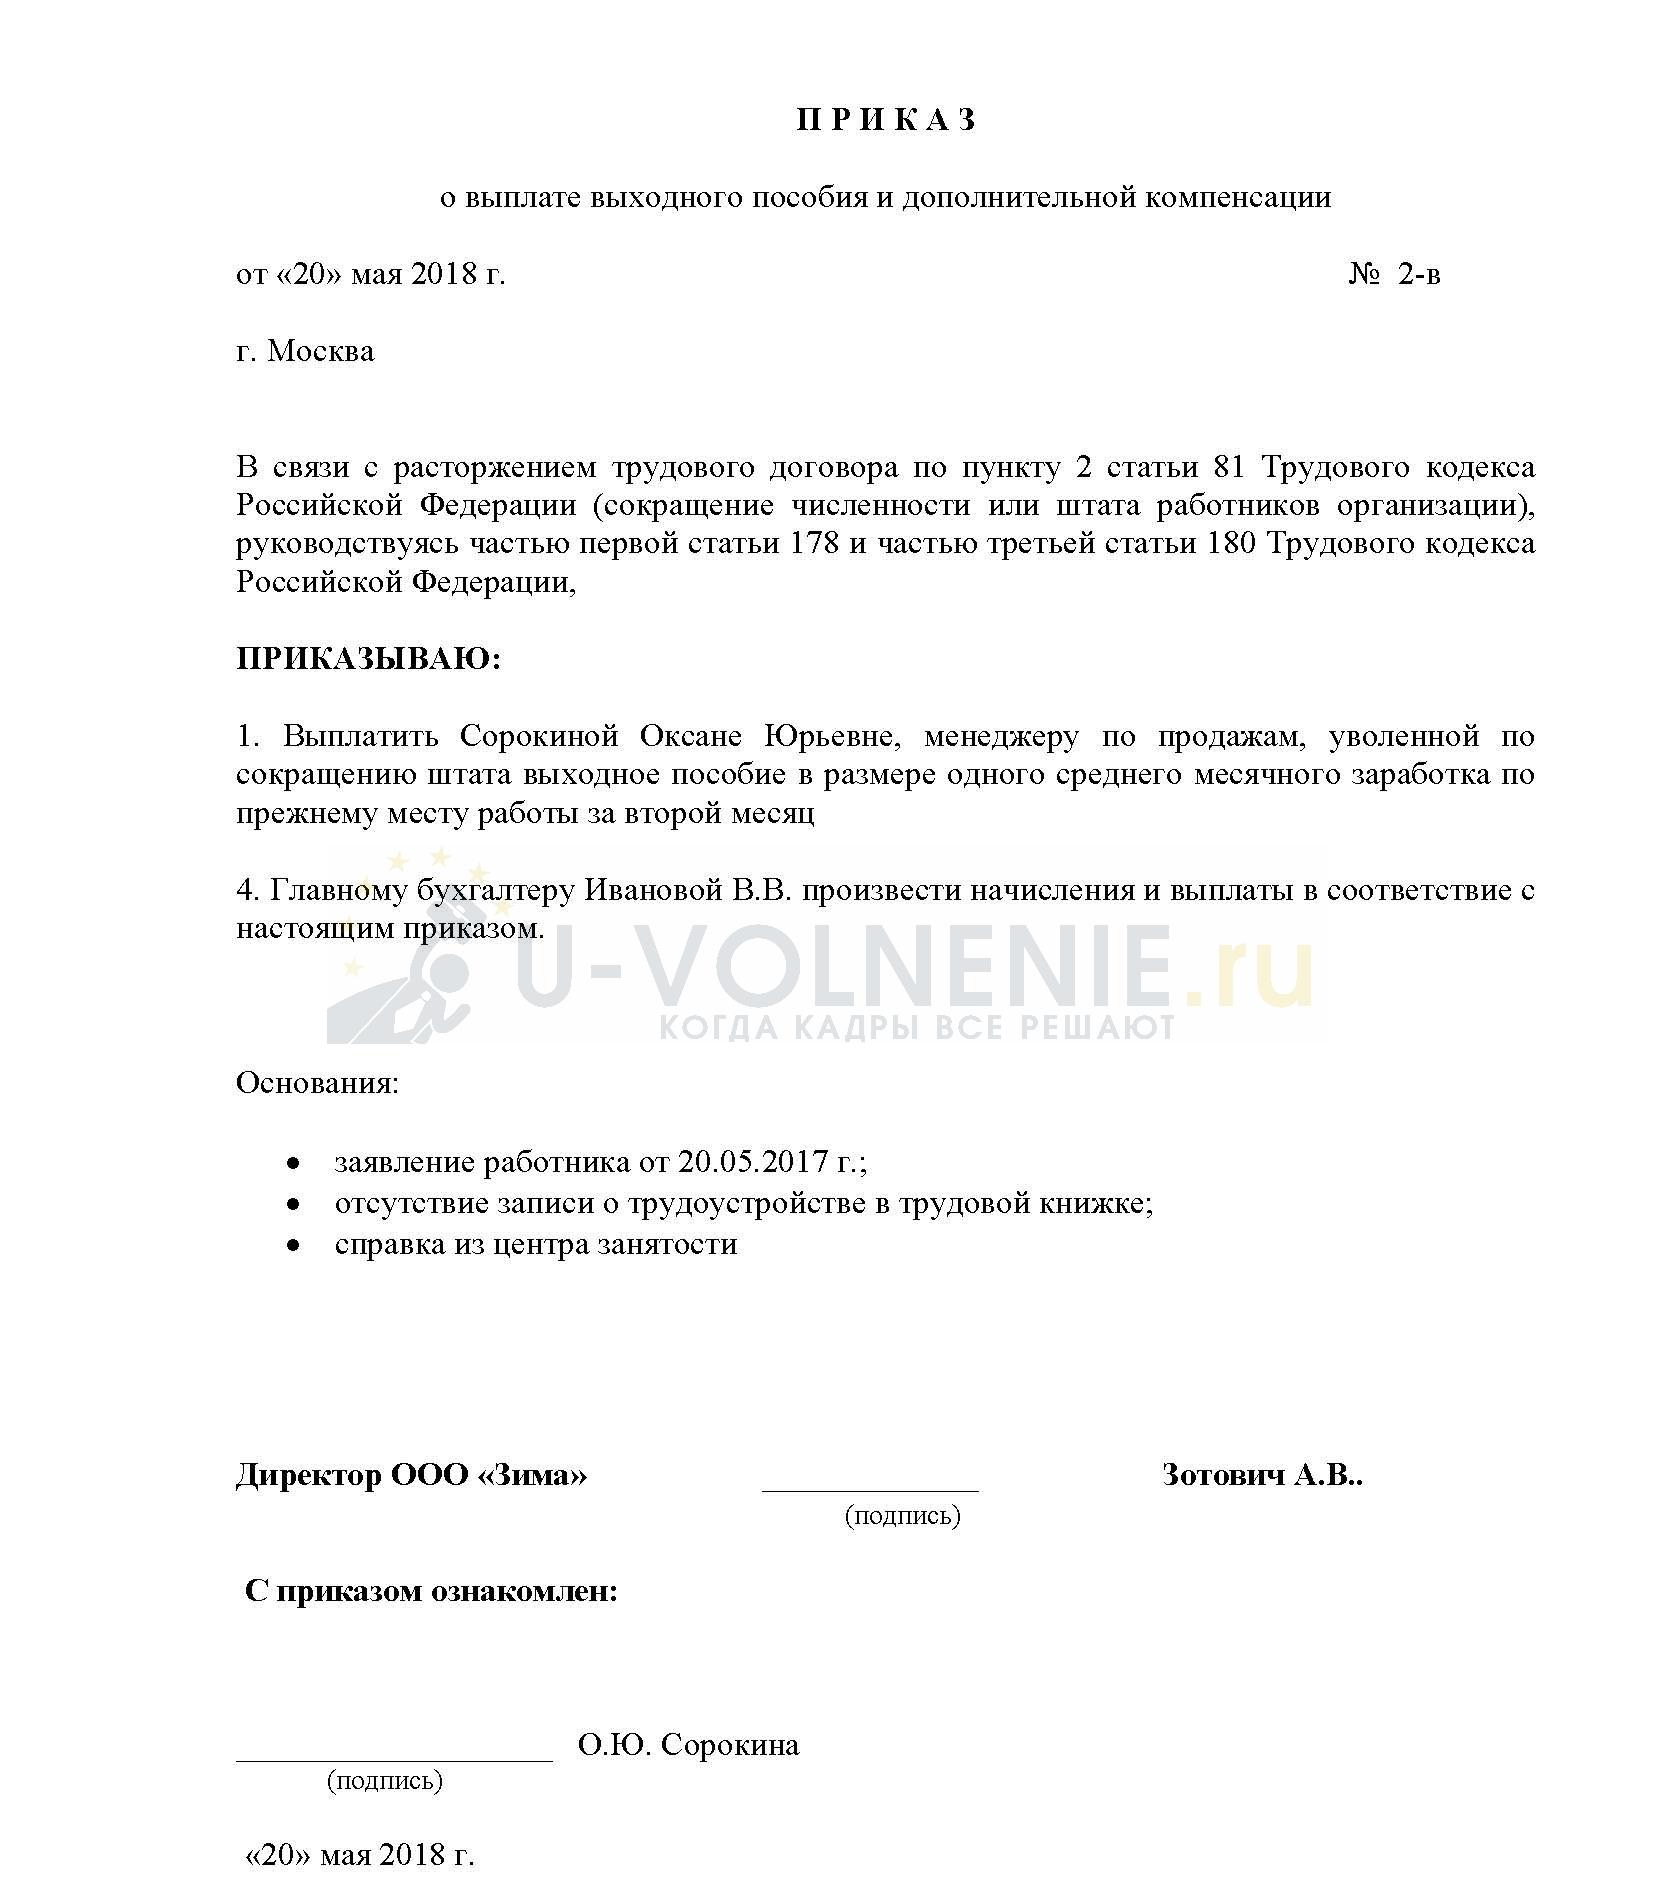 Образец приказа о выплате выходного пособия при сокращении за второй месяц